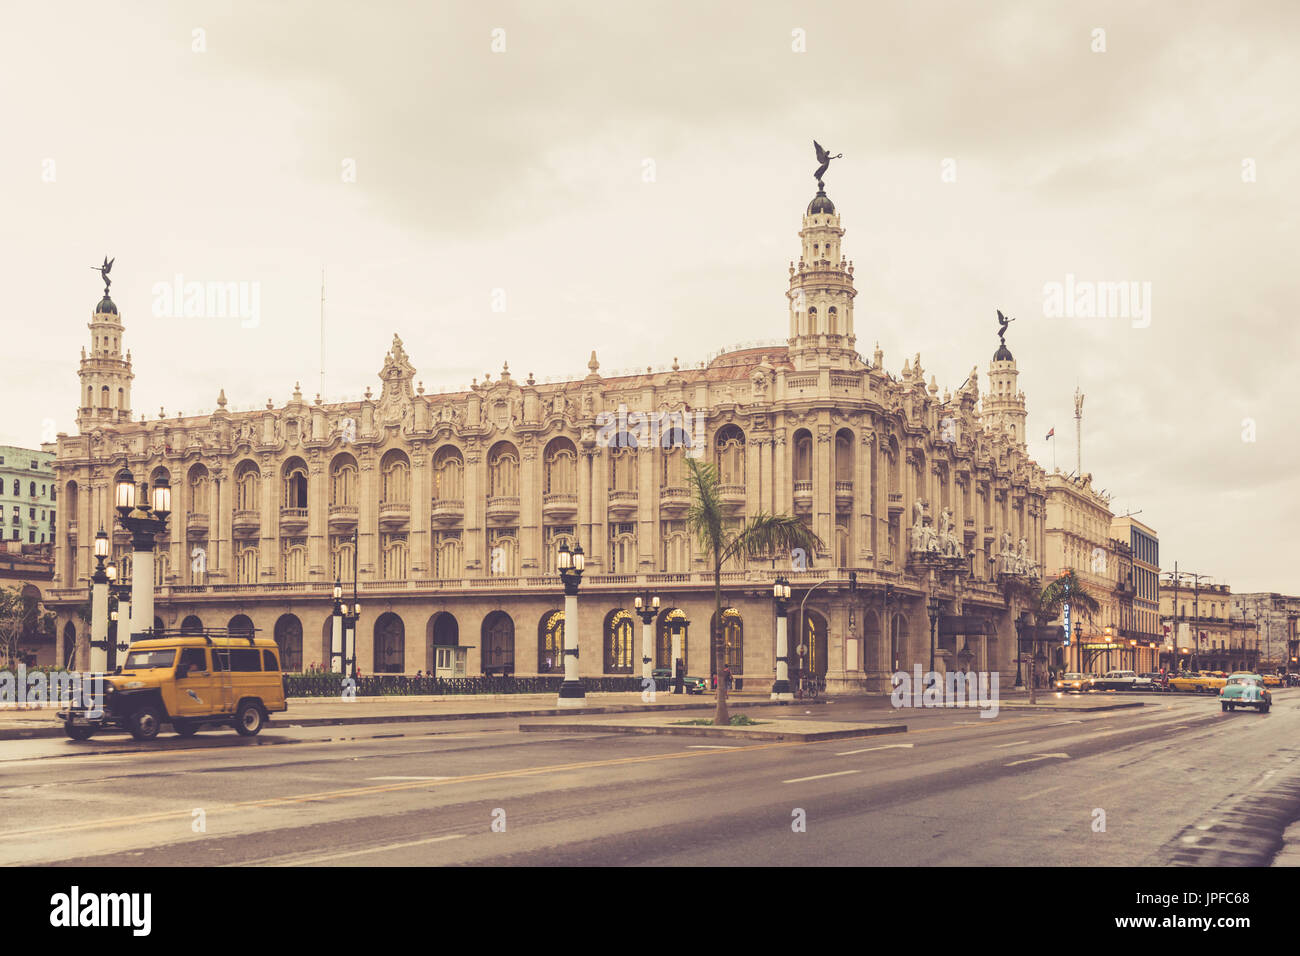 Das Gran Teatro De La Habana 'Alicia Alonso', The Grand Theater von Havana, La Habana Vieja, Alt-Havanna, Kuba Stockfoto